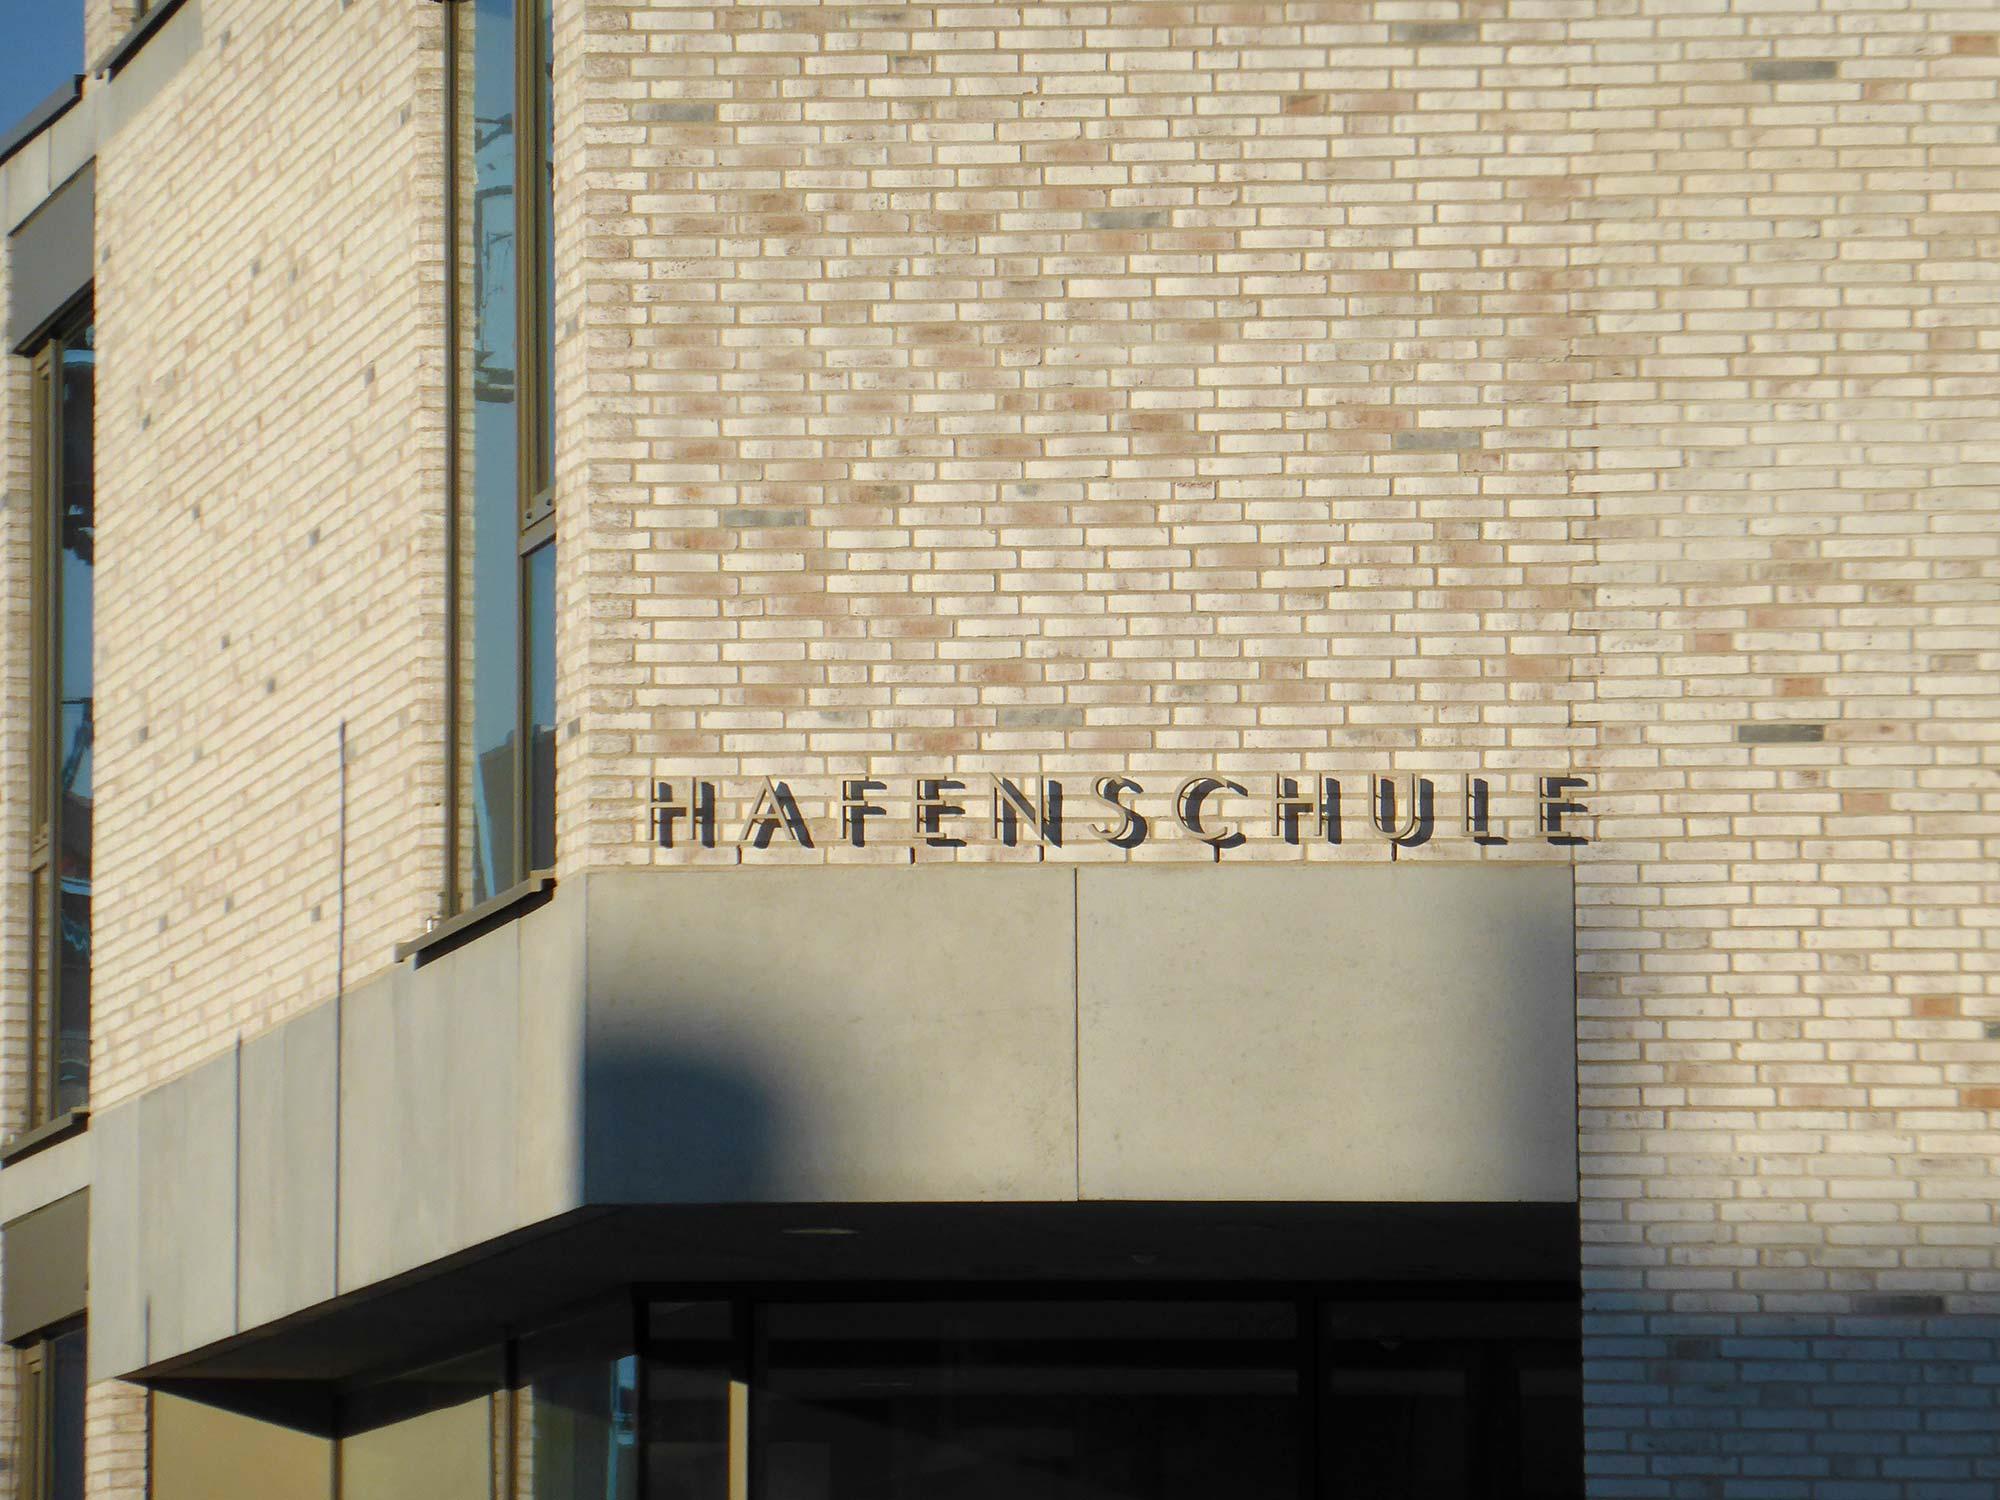 Hafenschule Hafen Offenbach